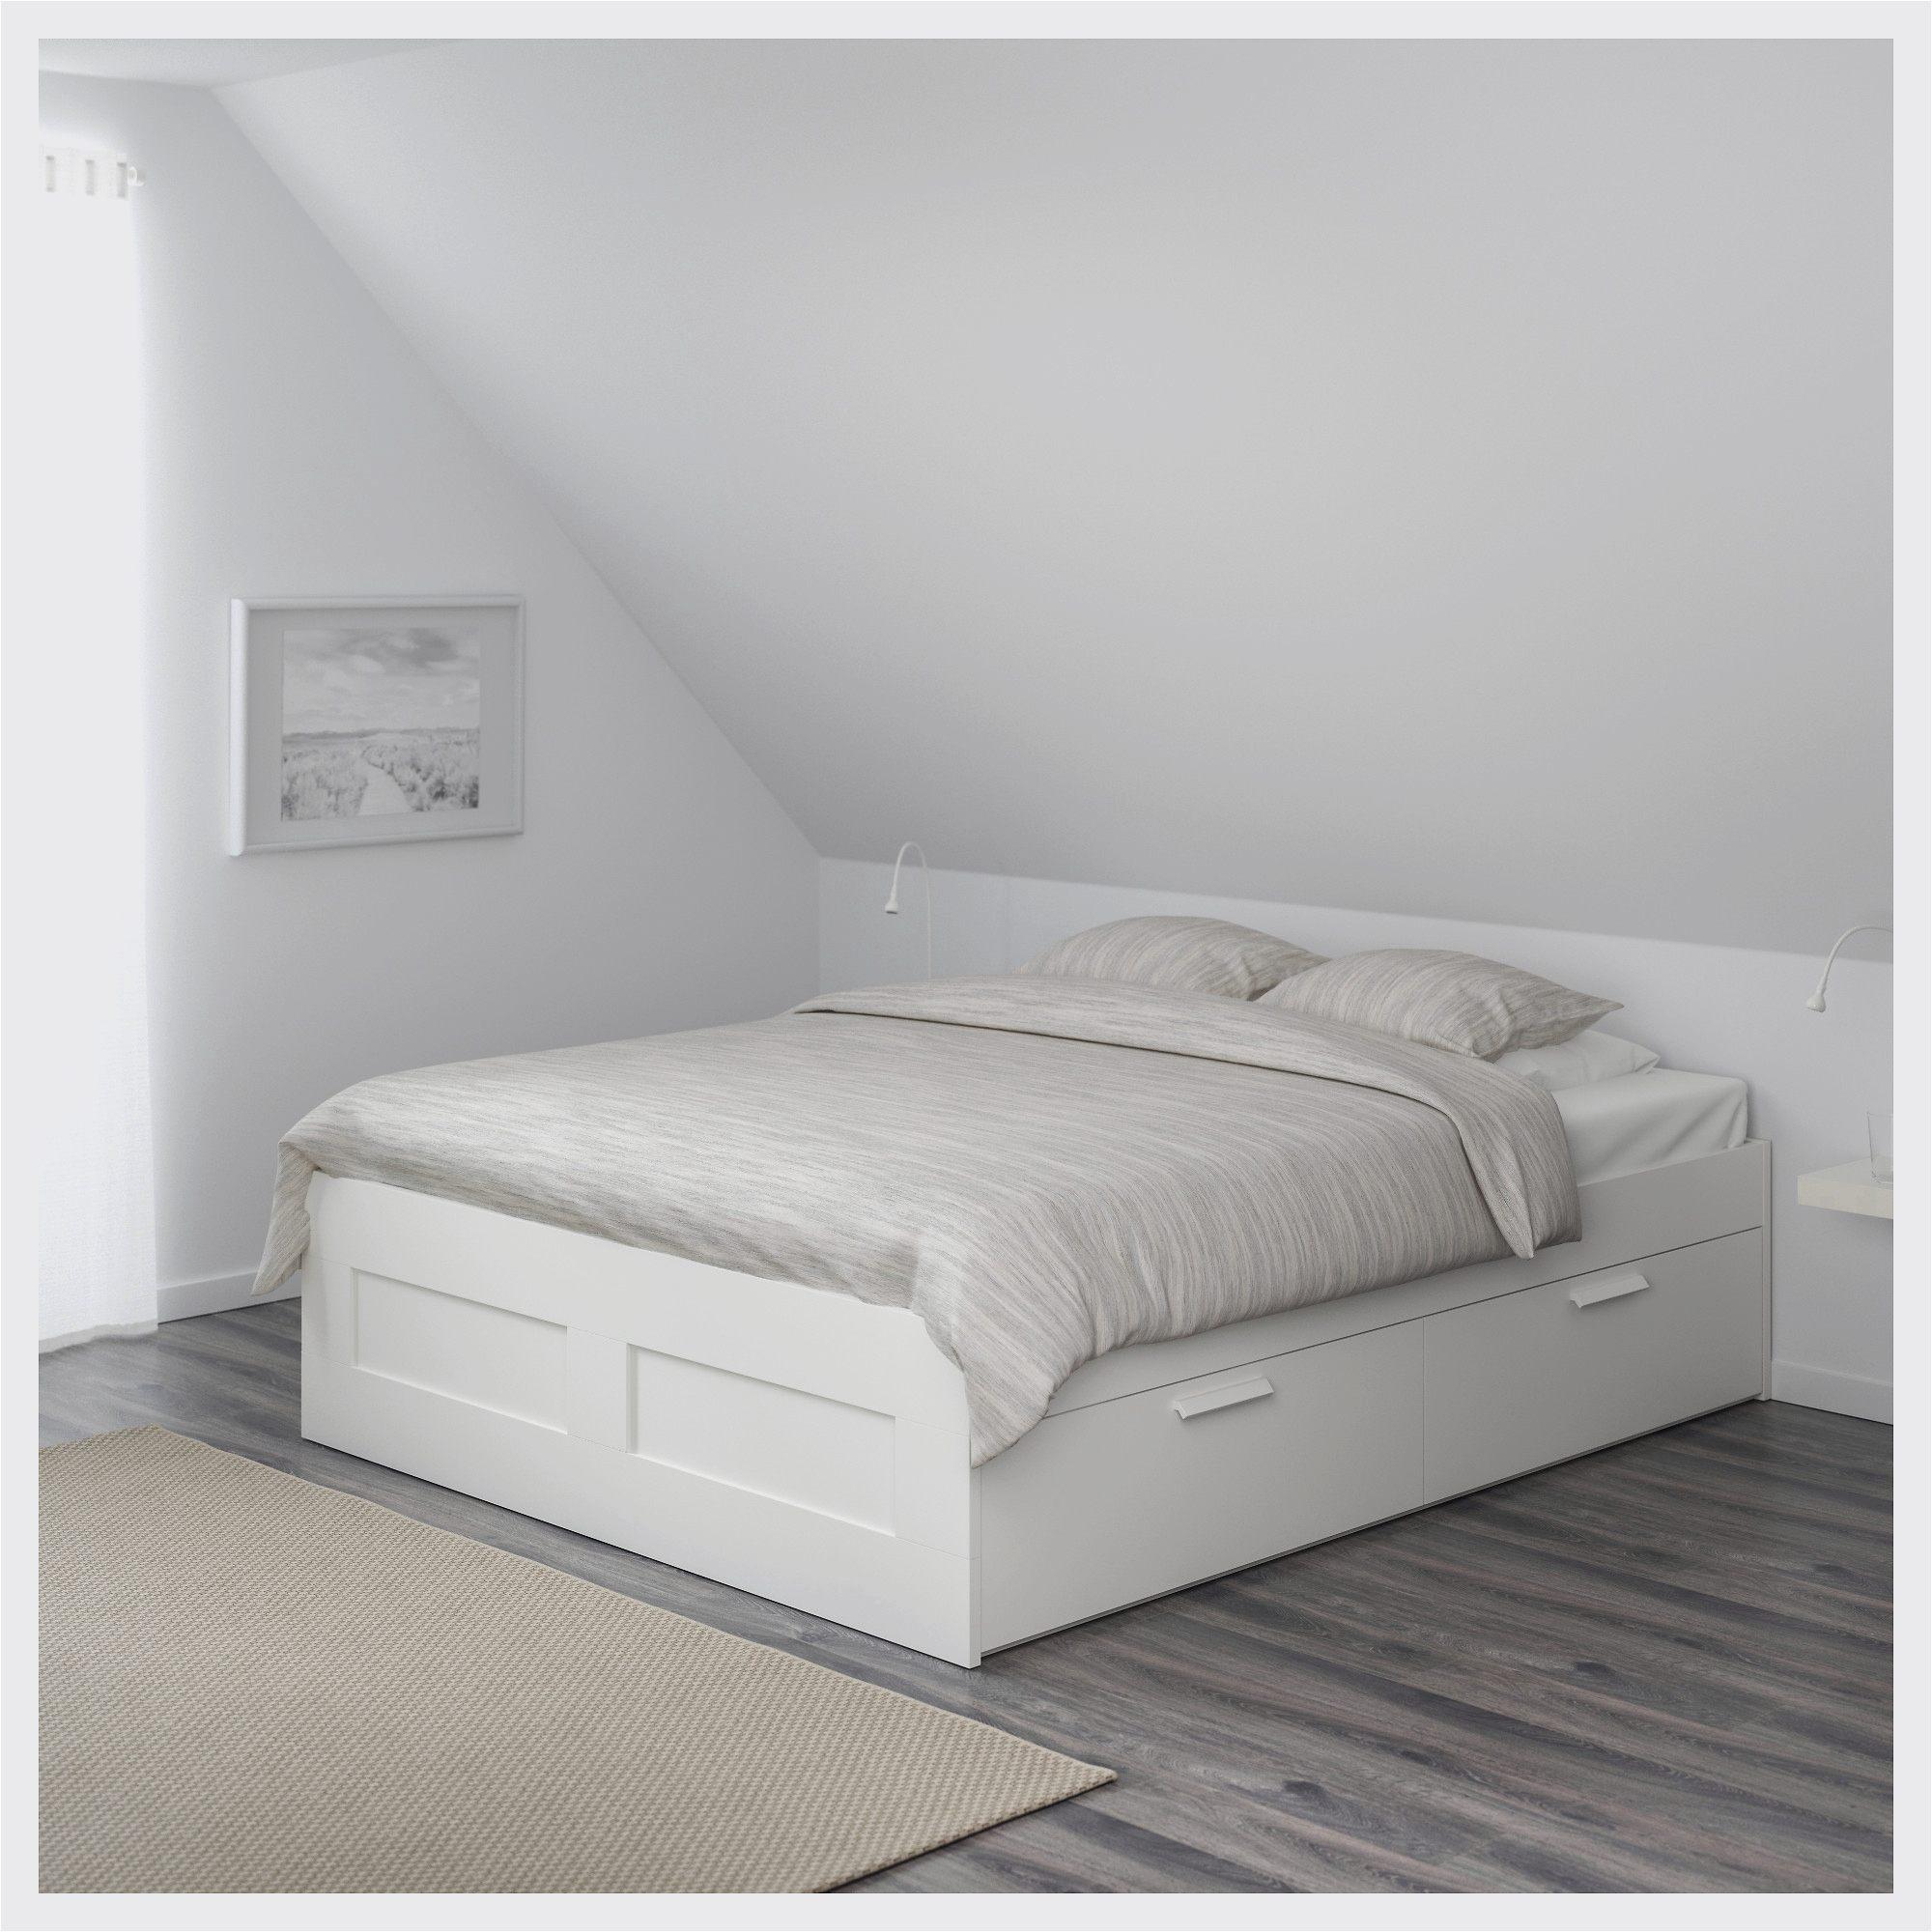 Parure De Lit Chat Inspiré Couette Pour Lit 160—200 Ikea Unique Parure De Lit Chat Free Parure